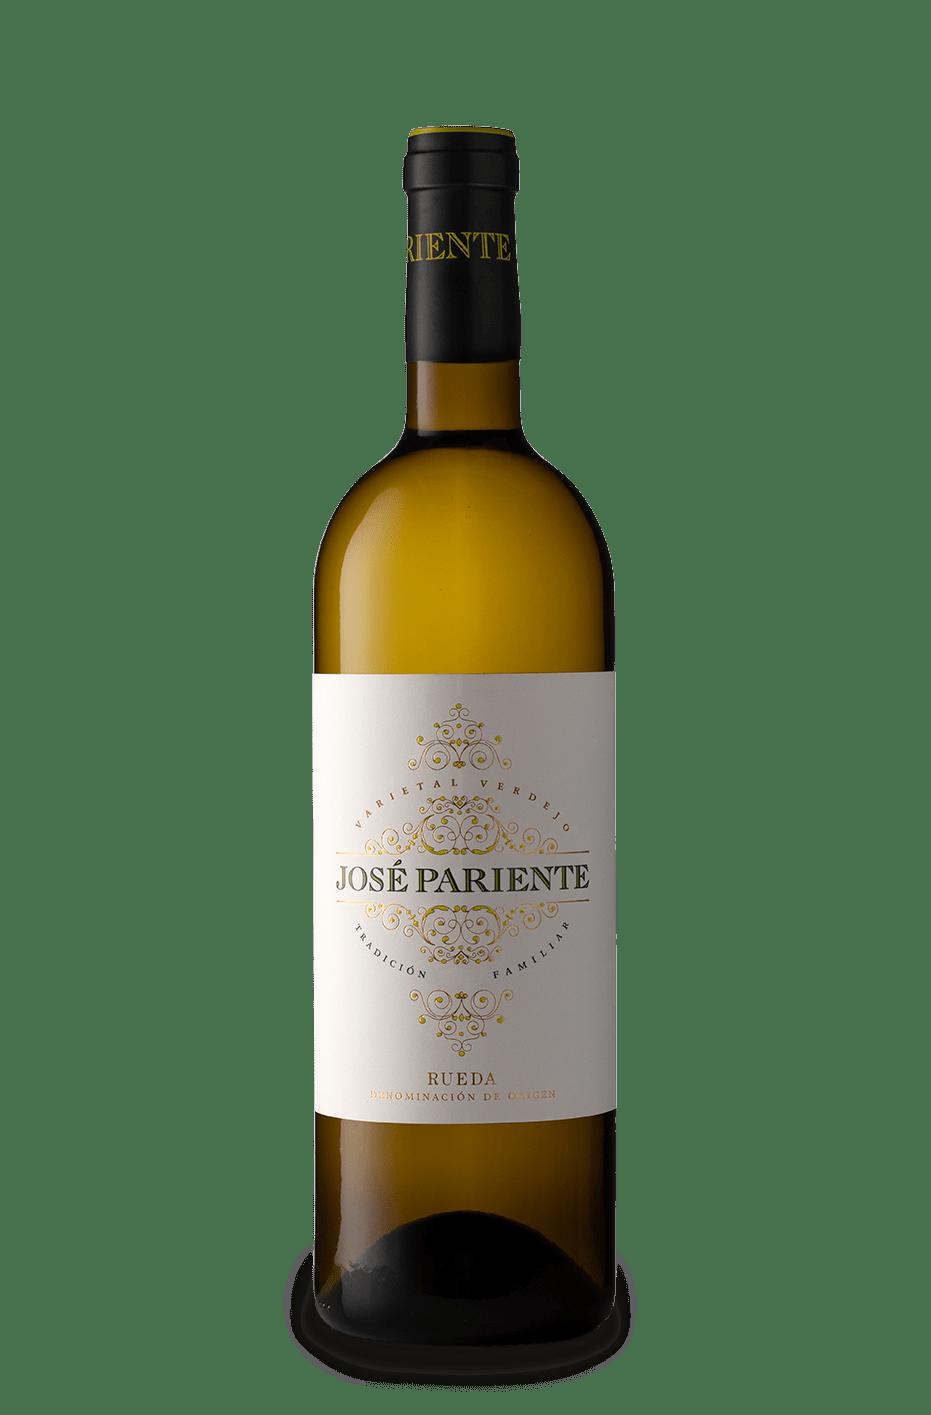 1. Jose Pariente Verdejo sin añada web-vino